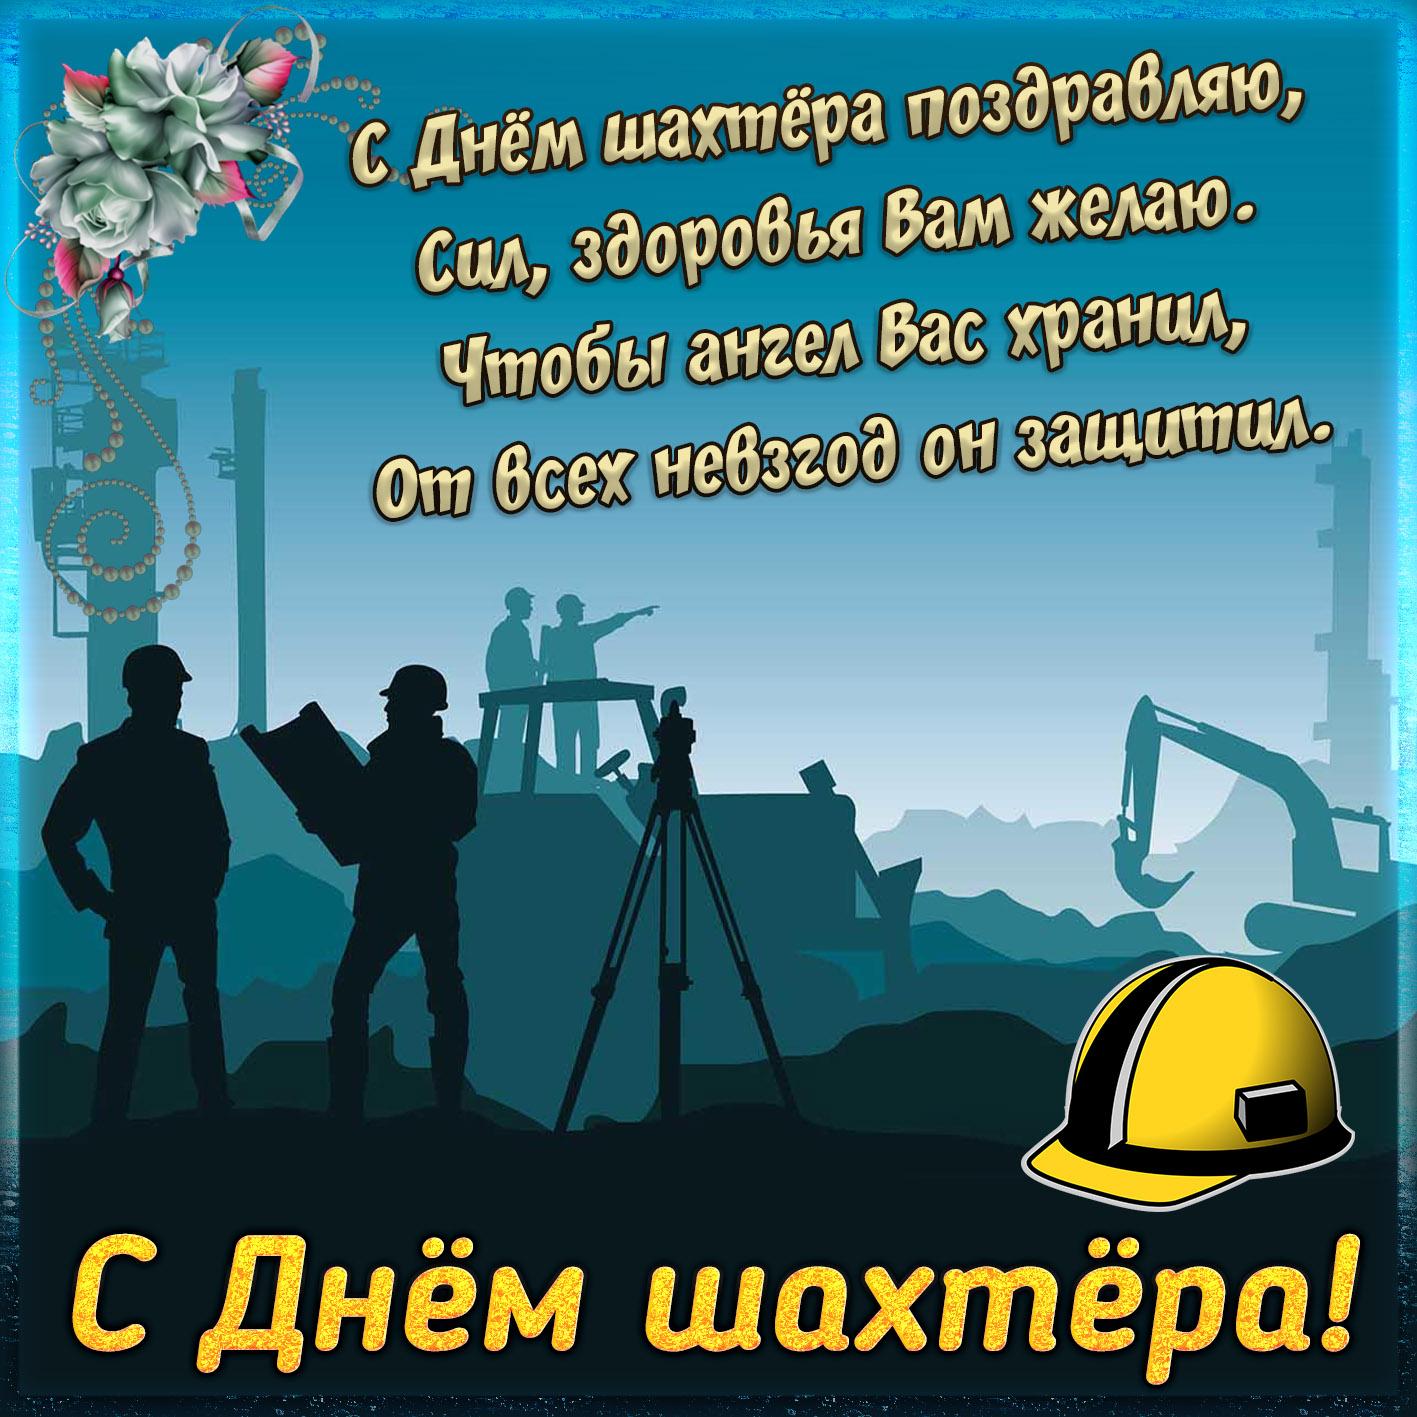 поздравление для шахтера создал много